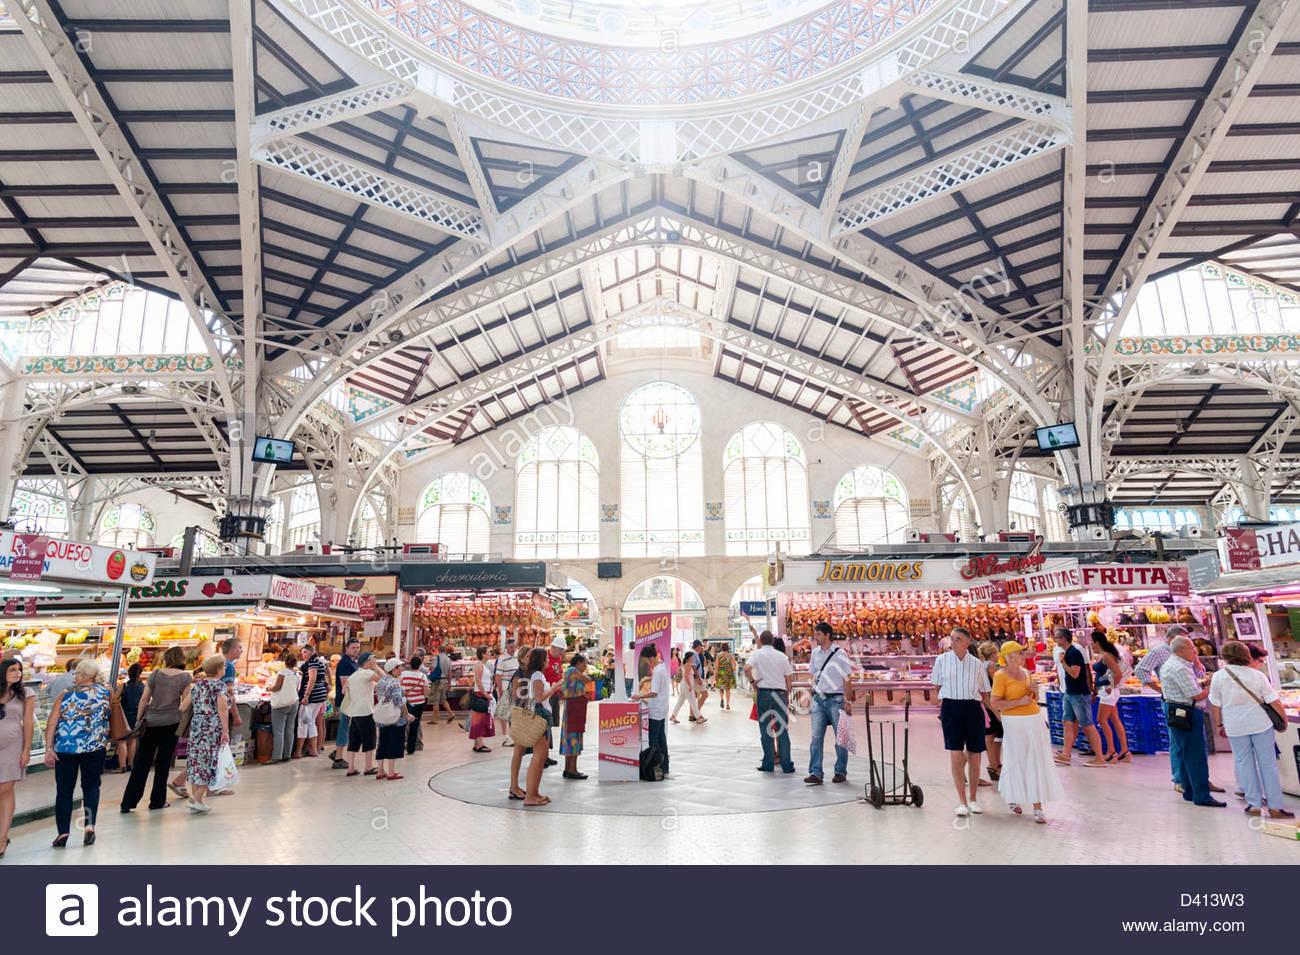 En el interior del Mercado Central, Valencia, España Imagen De Stock